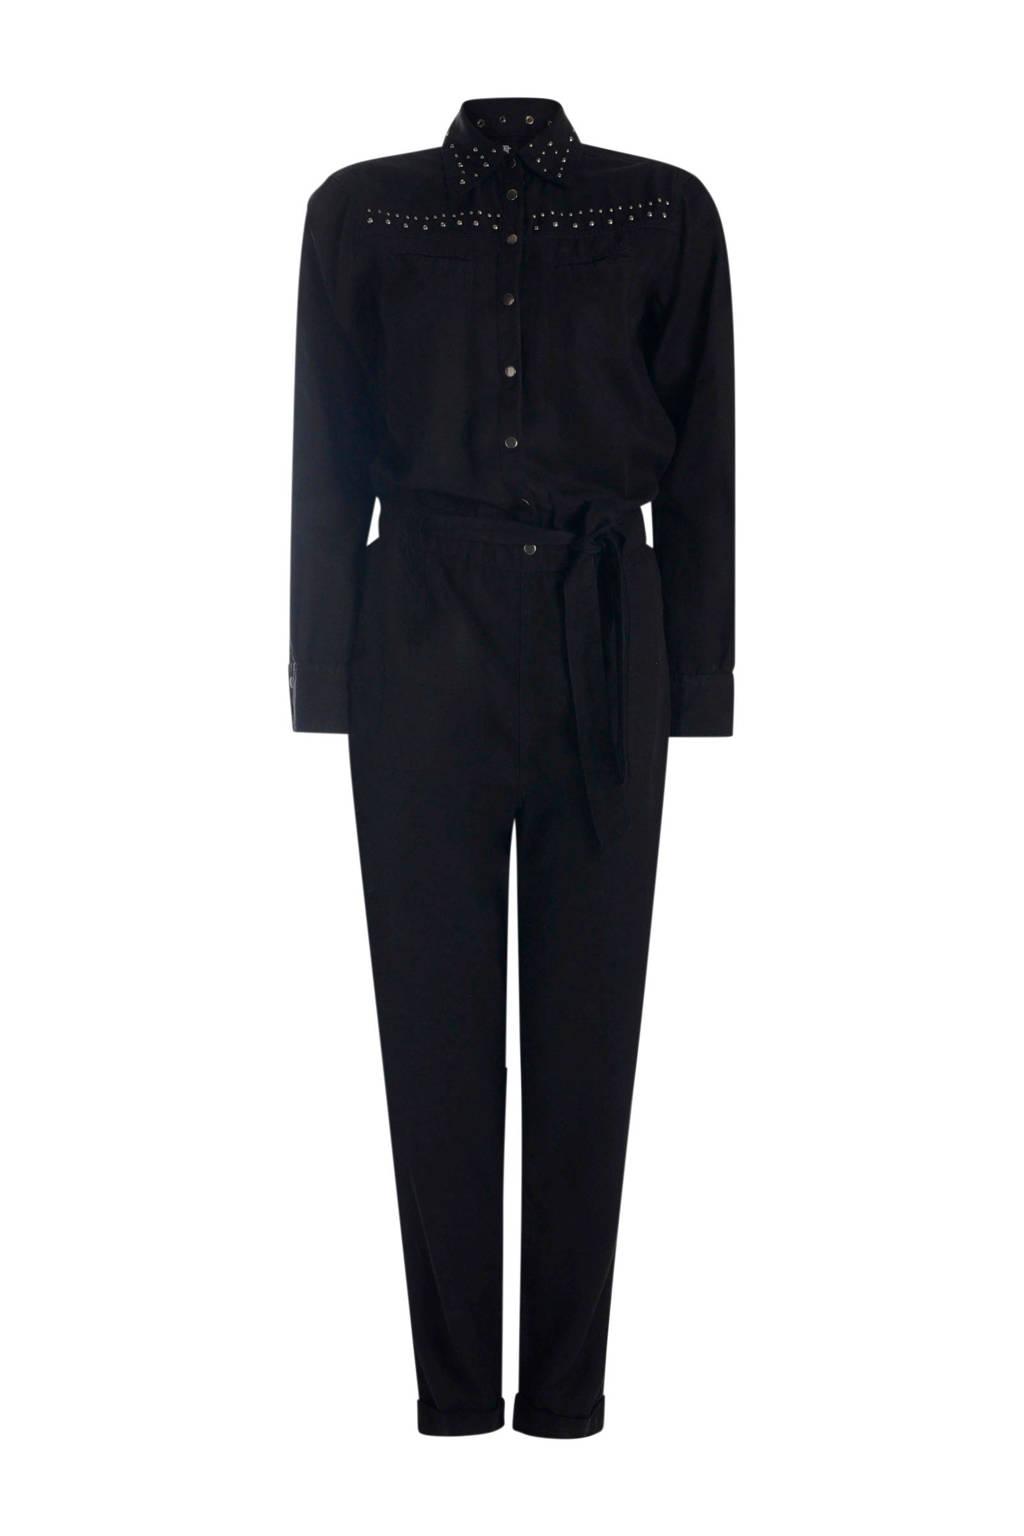 Eksept by Shoeby jumpsuit met studs zwart, Zwart